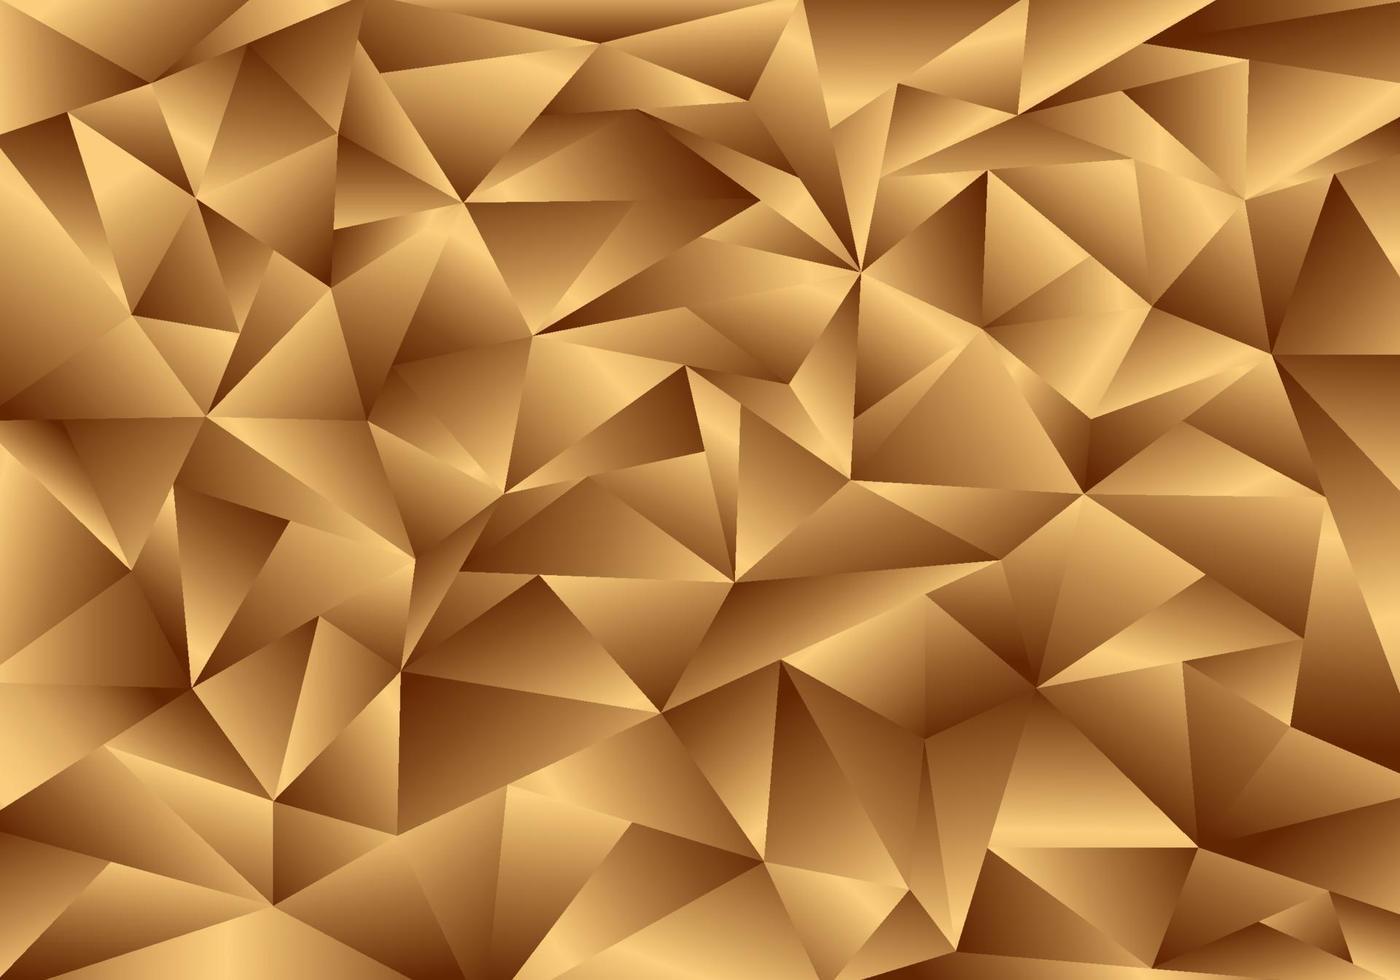 Texture et fond de polygone doré 3D. motif or low poly. vecteur